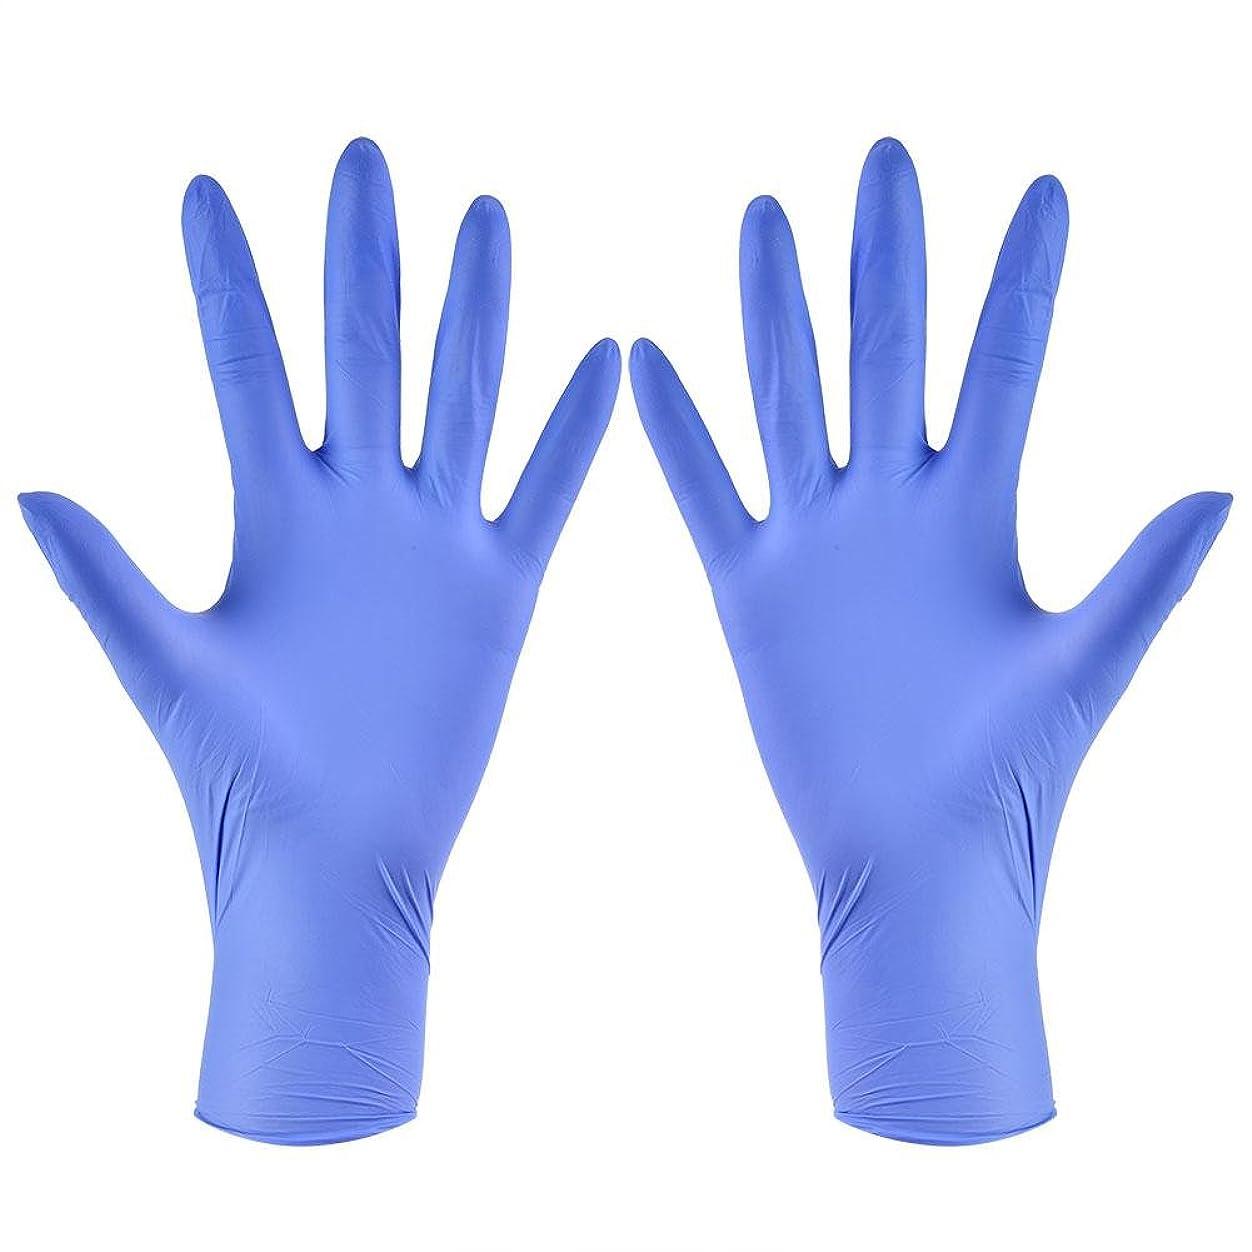 パノラマ地図収縮使い捨て手袋 ニトリルグローブ ホワイト 粉なし タトゥー/歯科/病院/研究室に適応 S/M/L/XL選択可 100枚 左右兼用(XL)